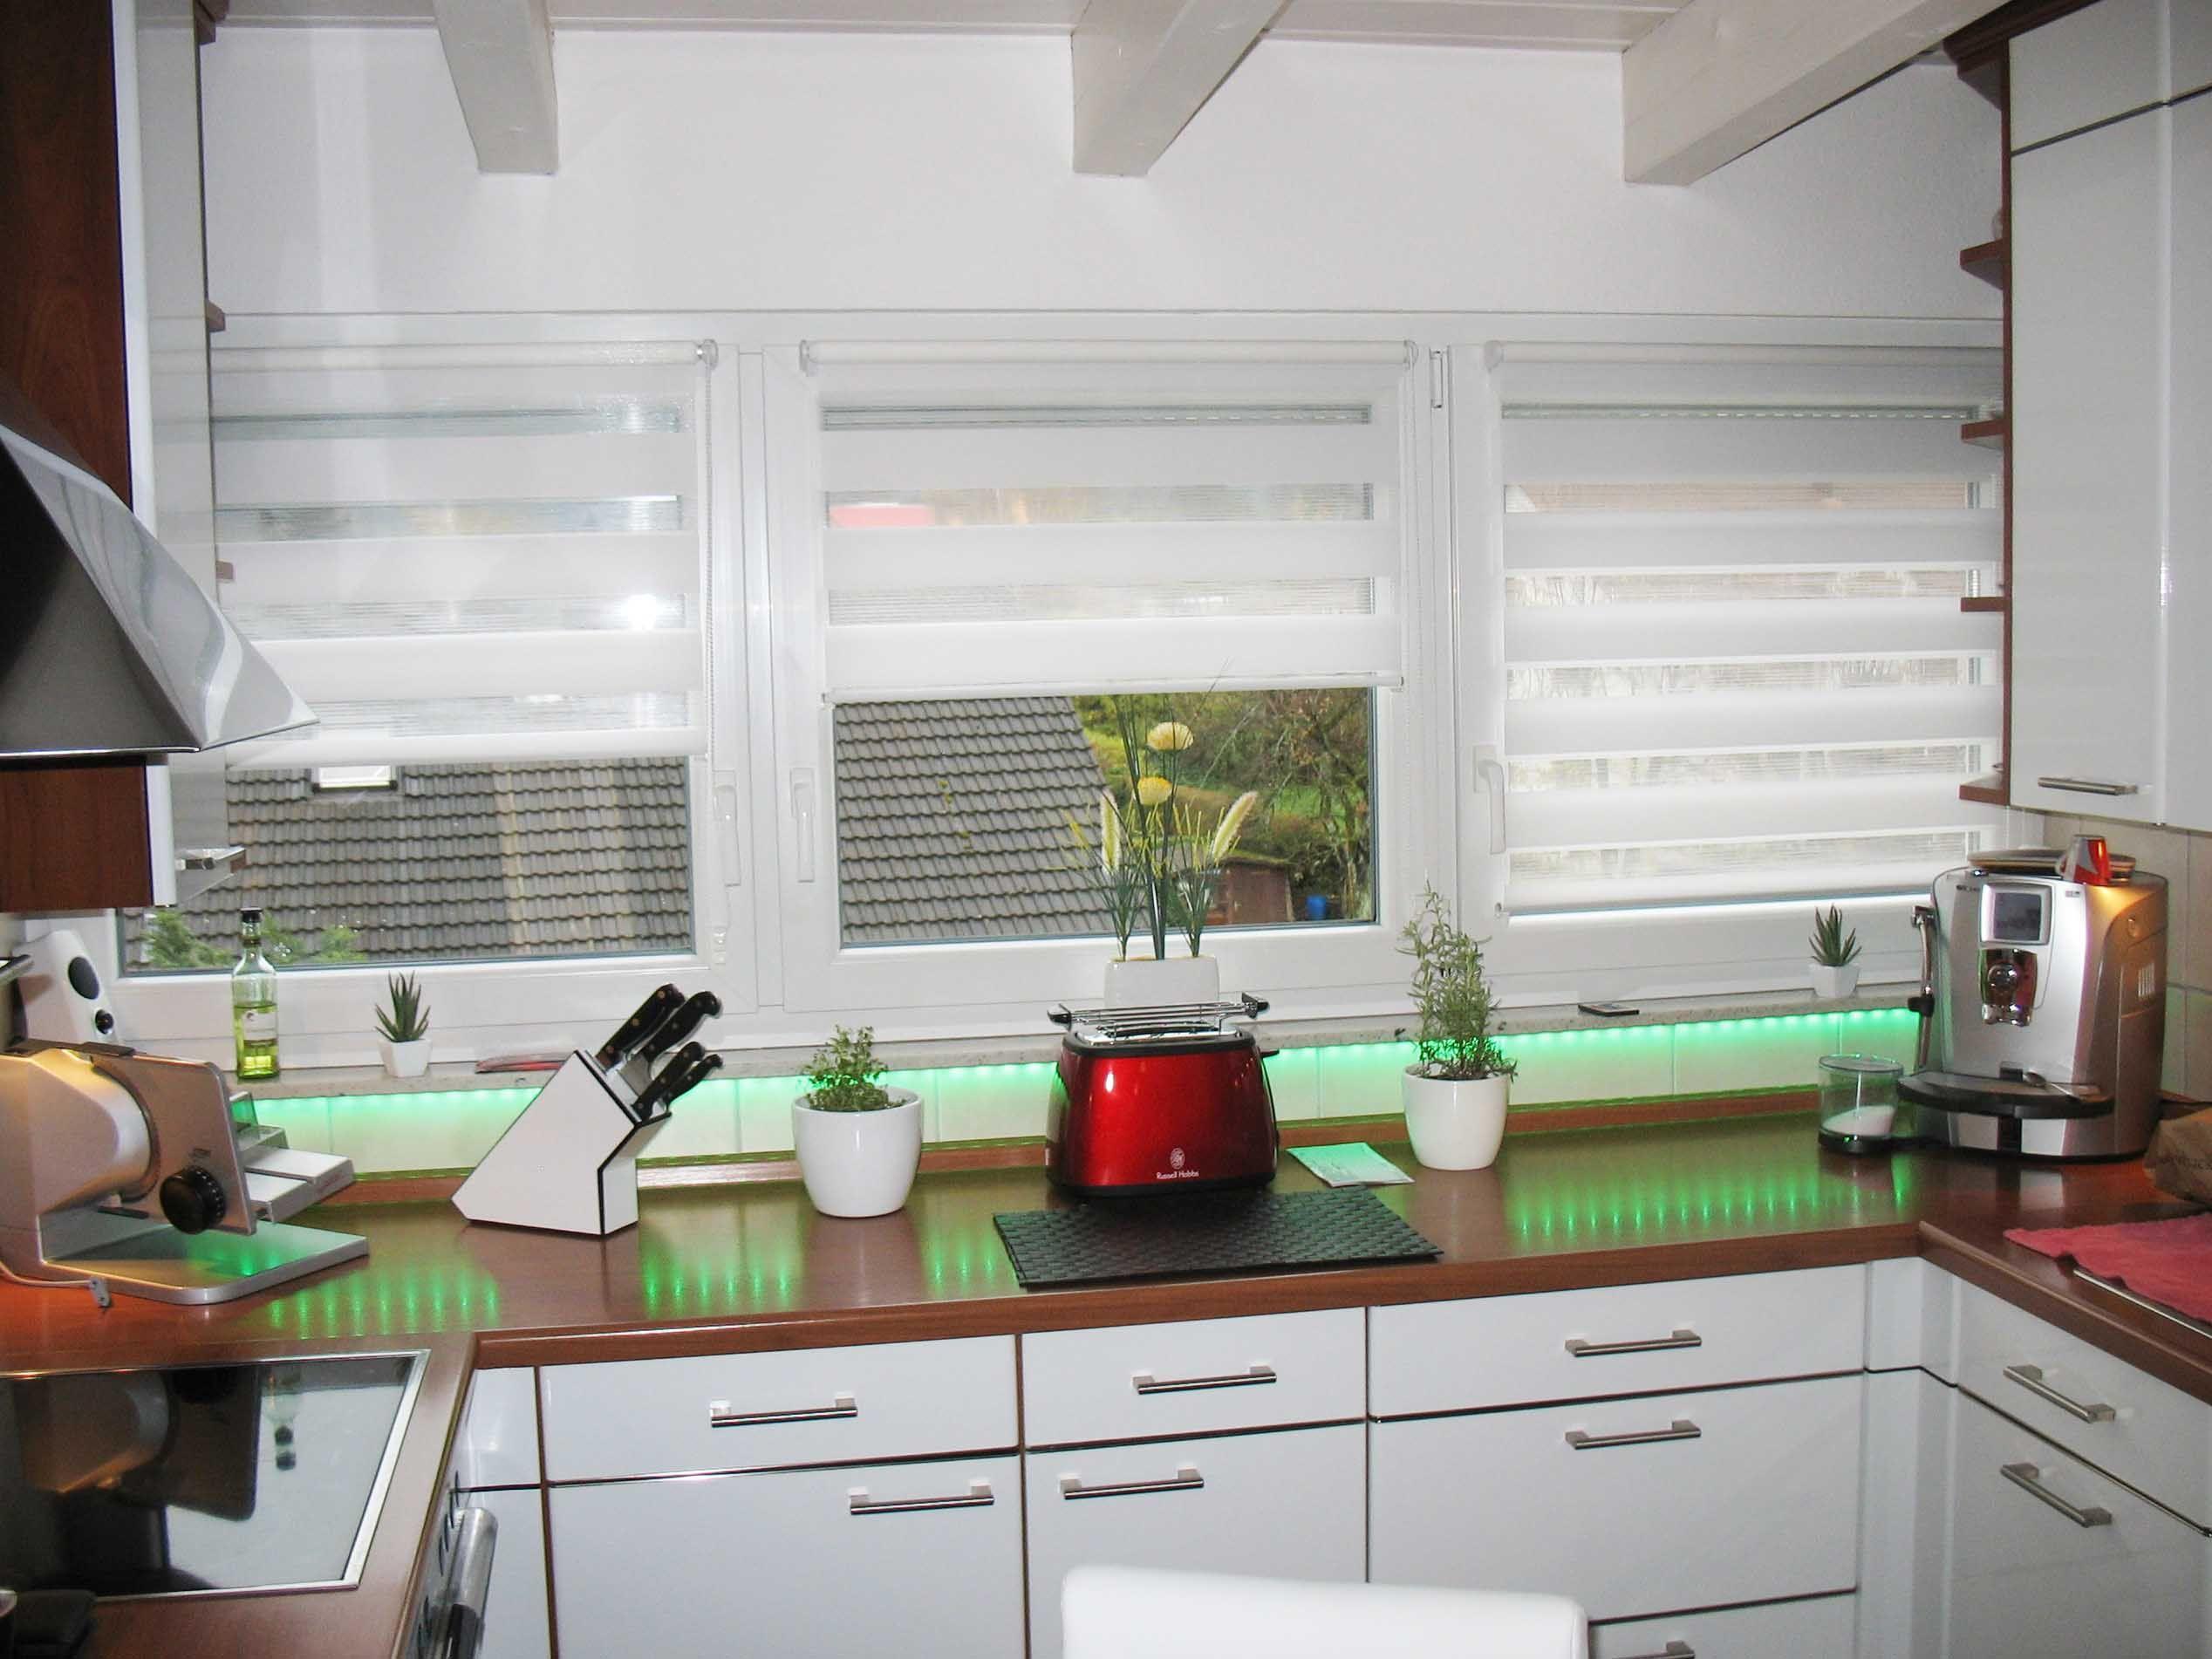 rollo #kochen #küche #living Macht Euer Zuhause schöner mit unseren ...